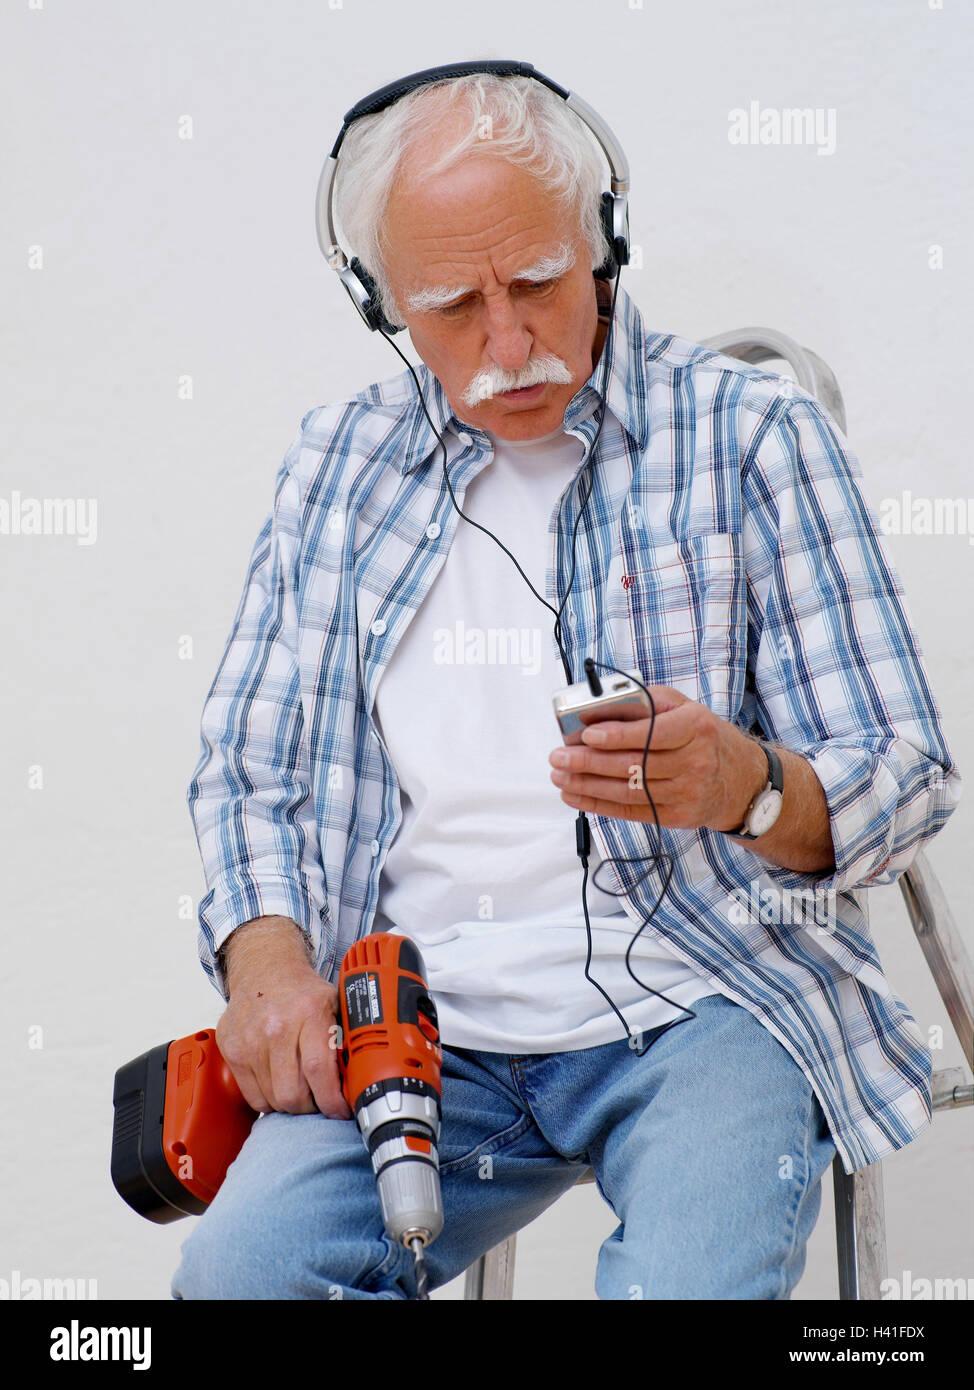 Renovation works senior drill earphone music hear 60 70 years renovation works senior drill earphone music hear 60 70 years man do it yourselfer do it yourself renovate battery drills rest relax break solutioingenieria Gallery